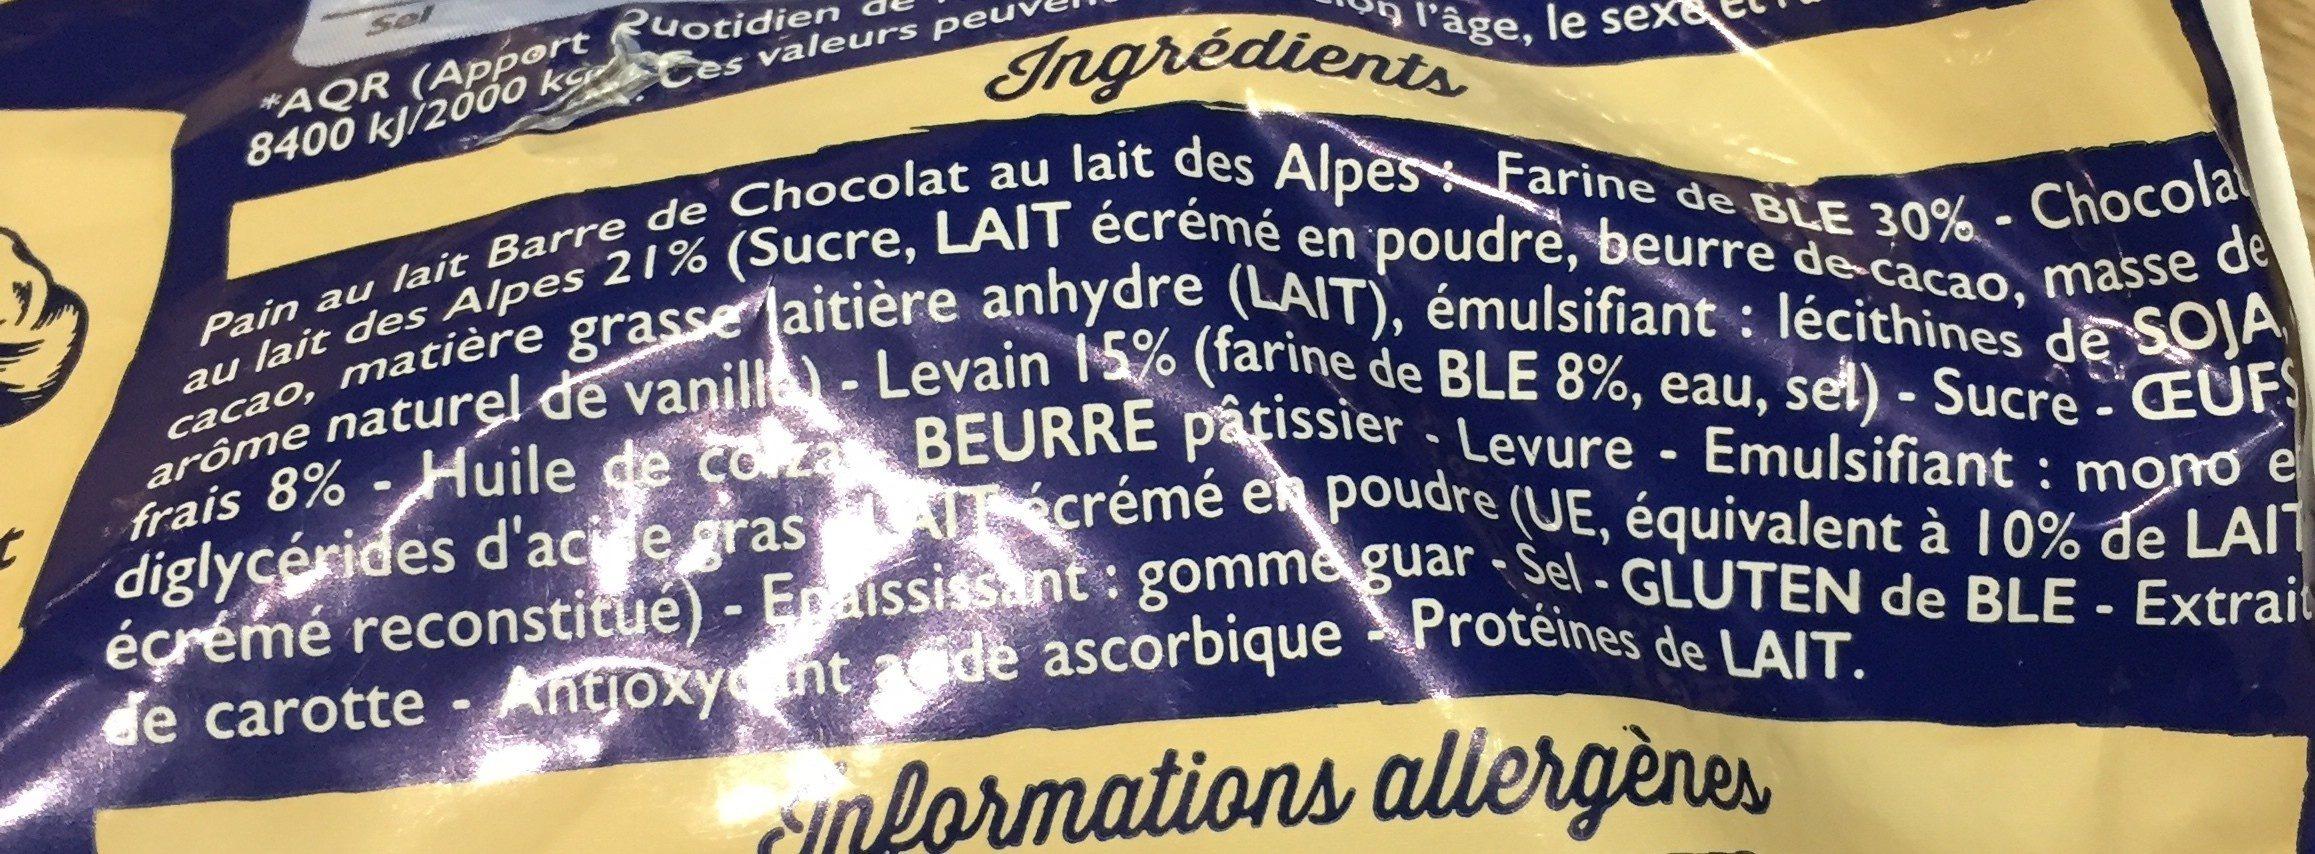 Pains au lait barre chocolat - Ingrediënten - fr